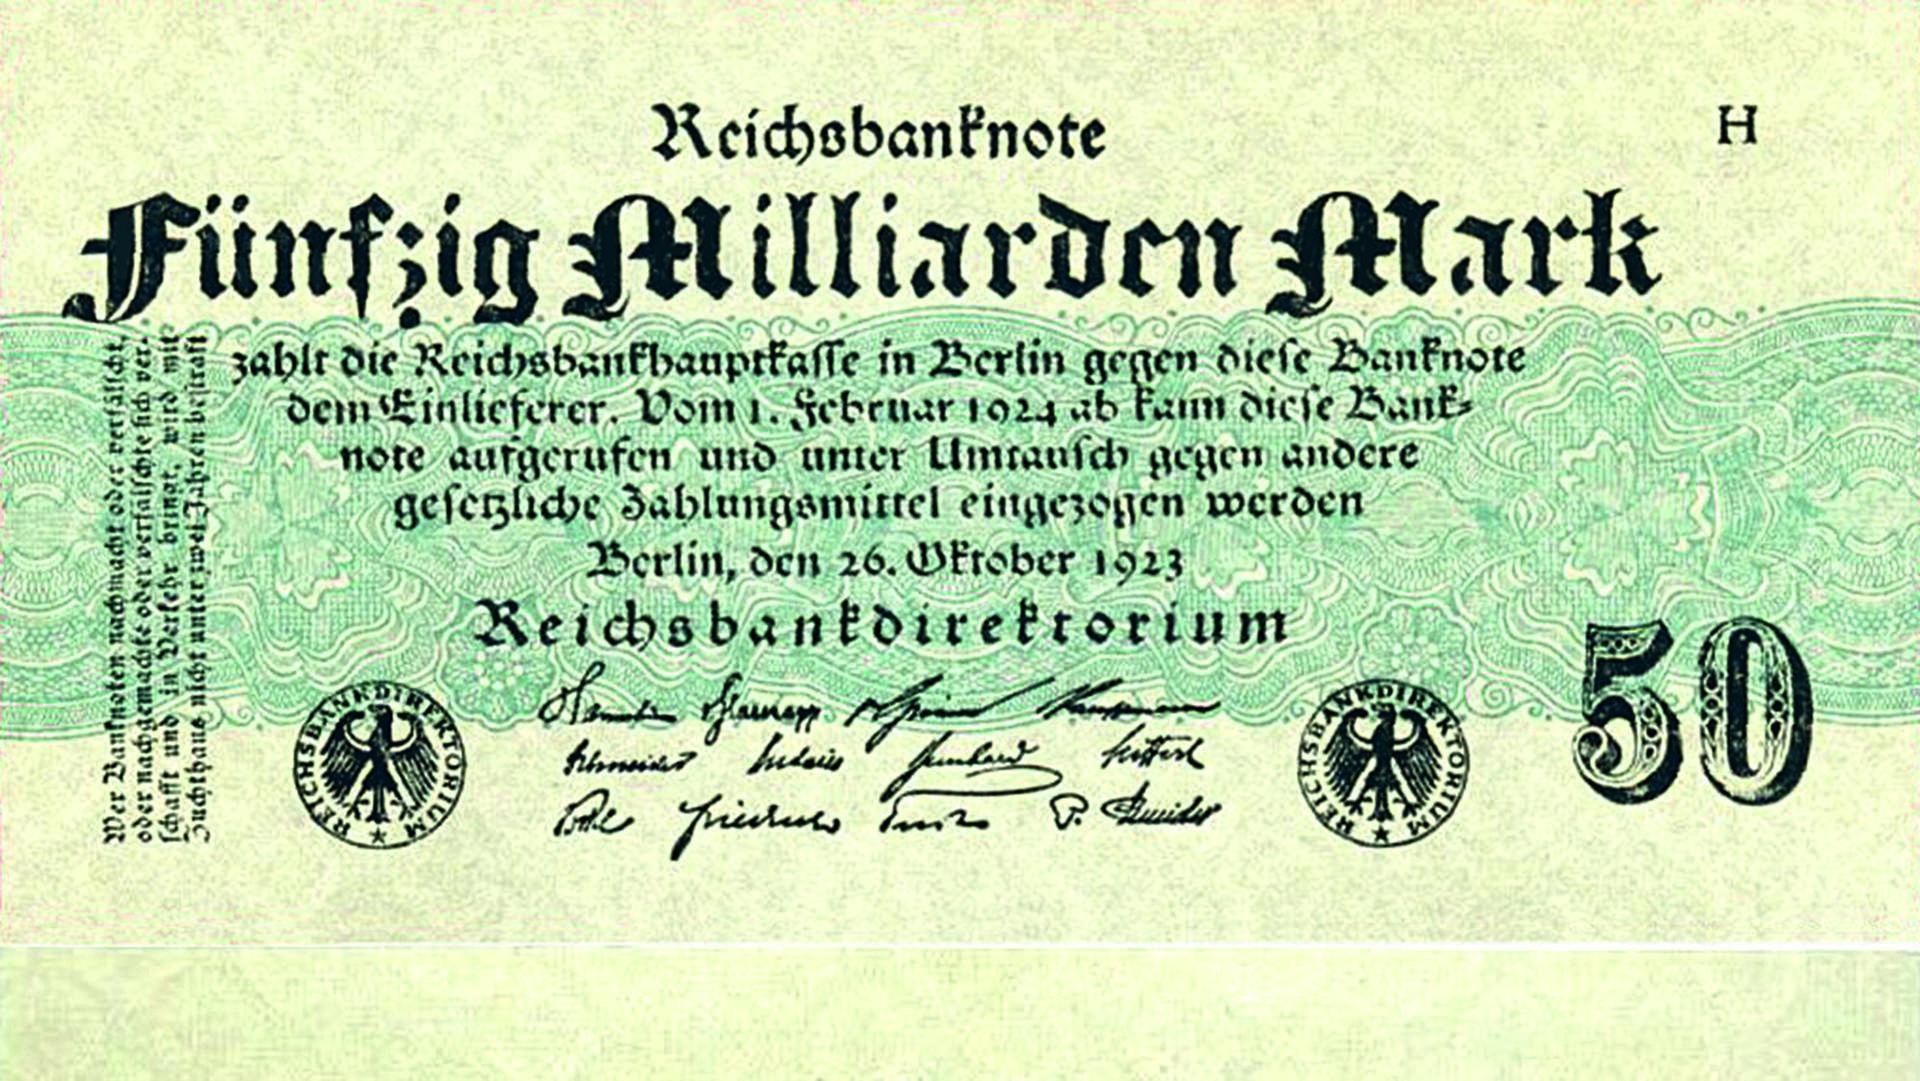 Foto: Gemeinfrei/Deutsche Reichsbank, [50 Milliarden Mark 1923-10-26]( https://commons.wikimedia.org/wiki/File:50_Milliarden_Mark_1923-10-26.jpg), via Wikimedia Commons